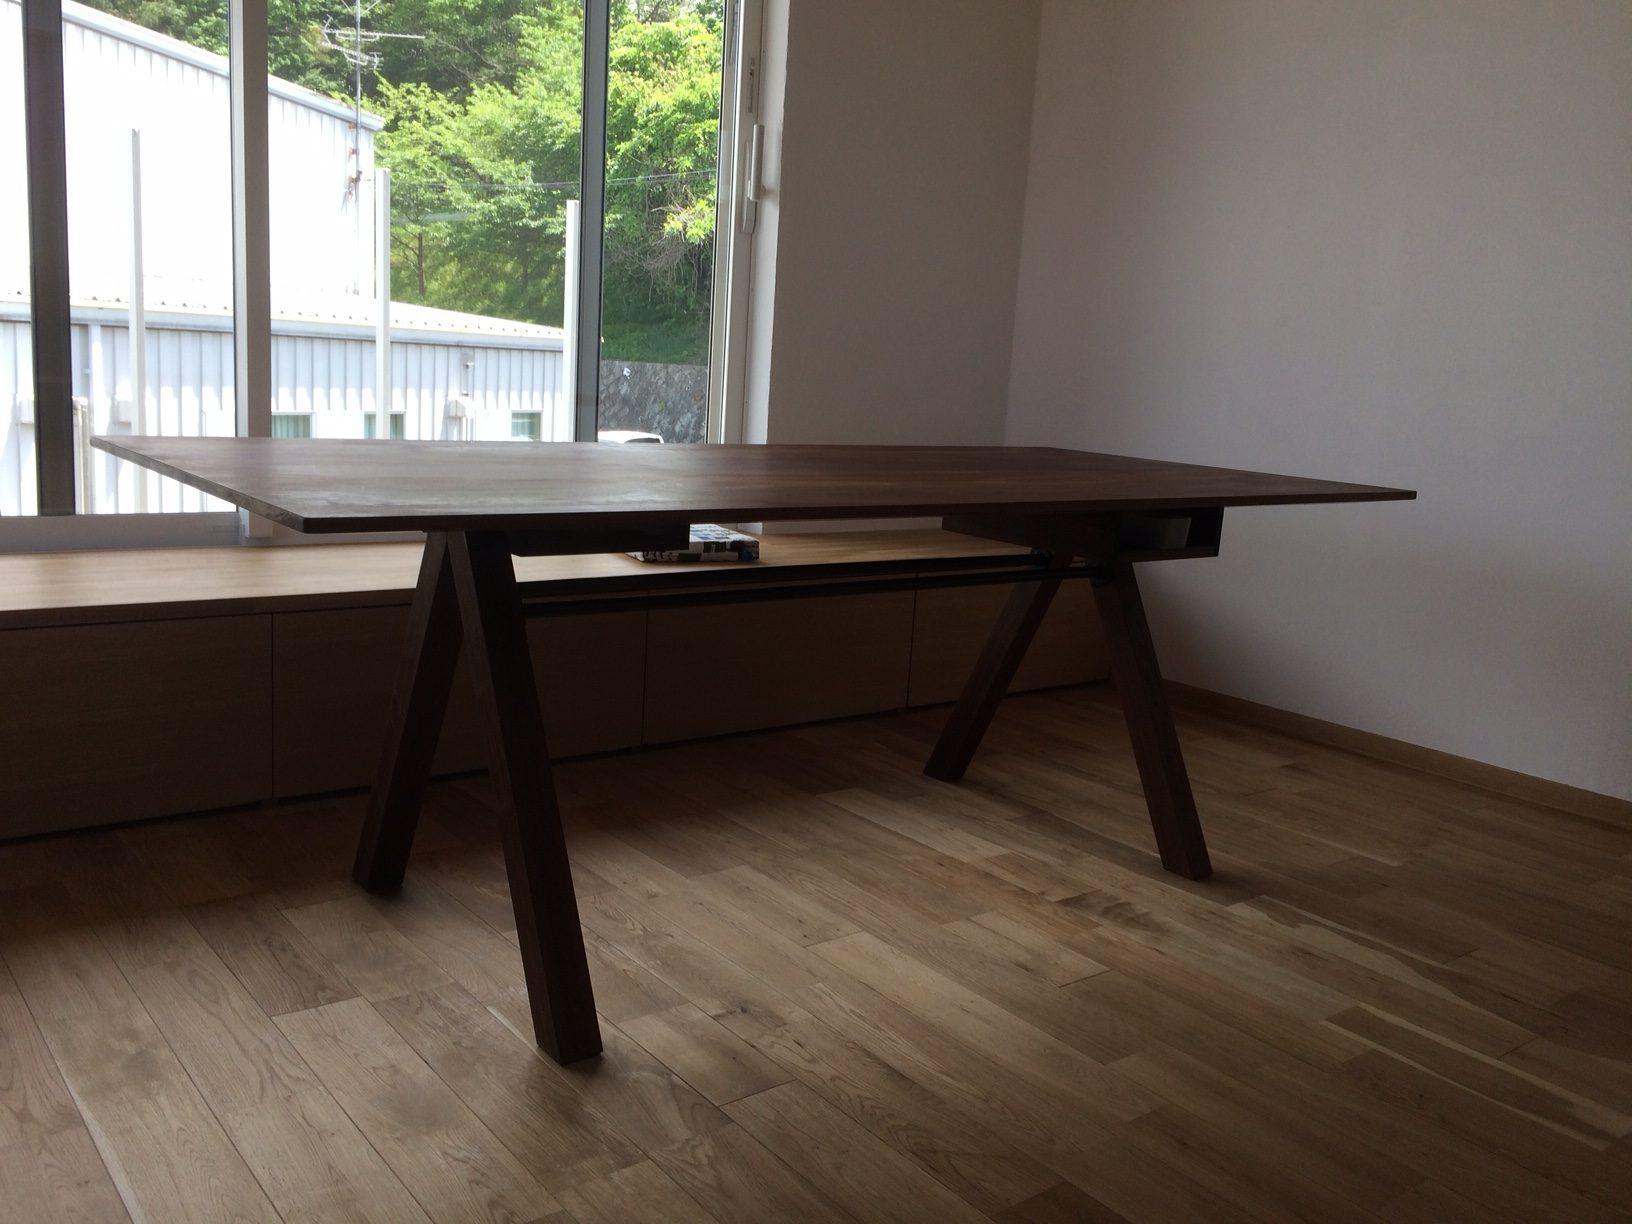 ウォールナットのダイニングテーブル